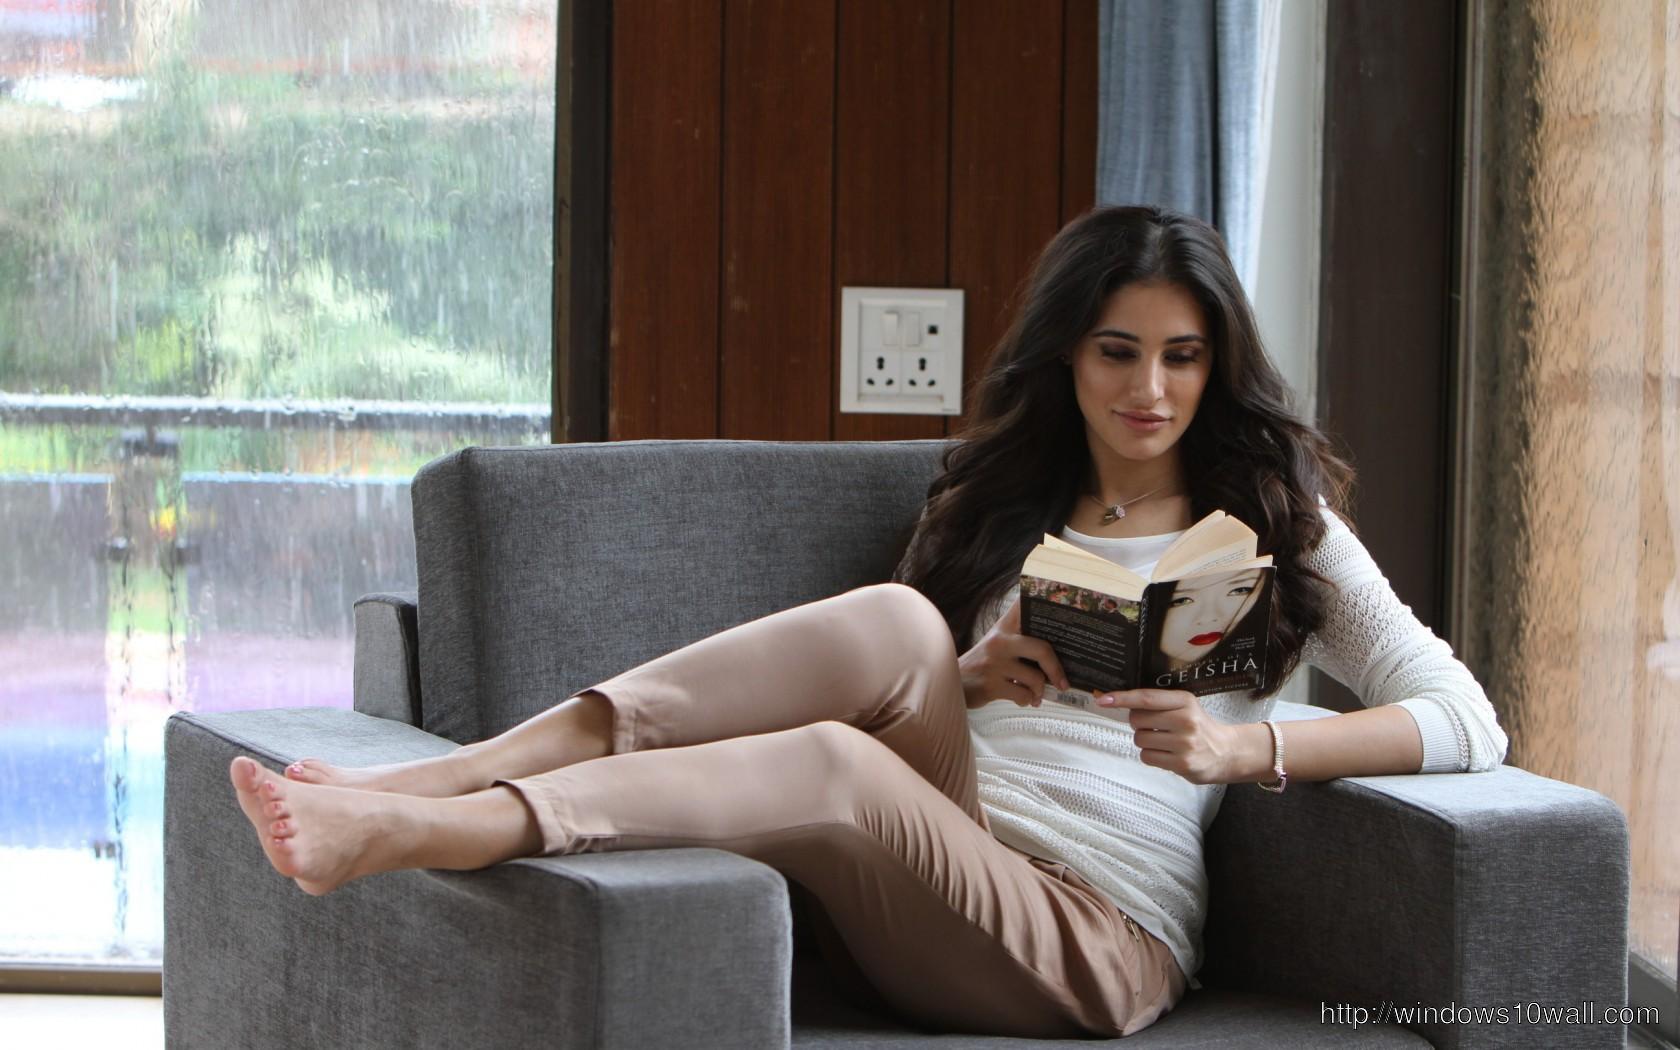 nargis-fakhri-smily-cute-look-on-sofa-Wallpaper